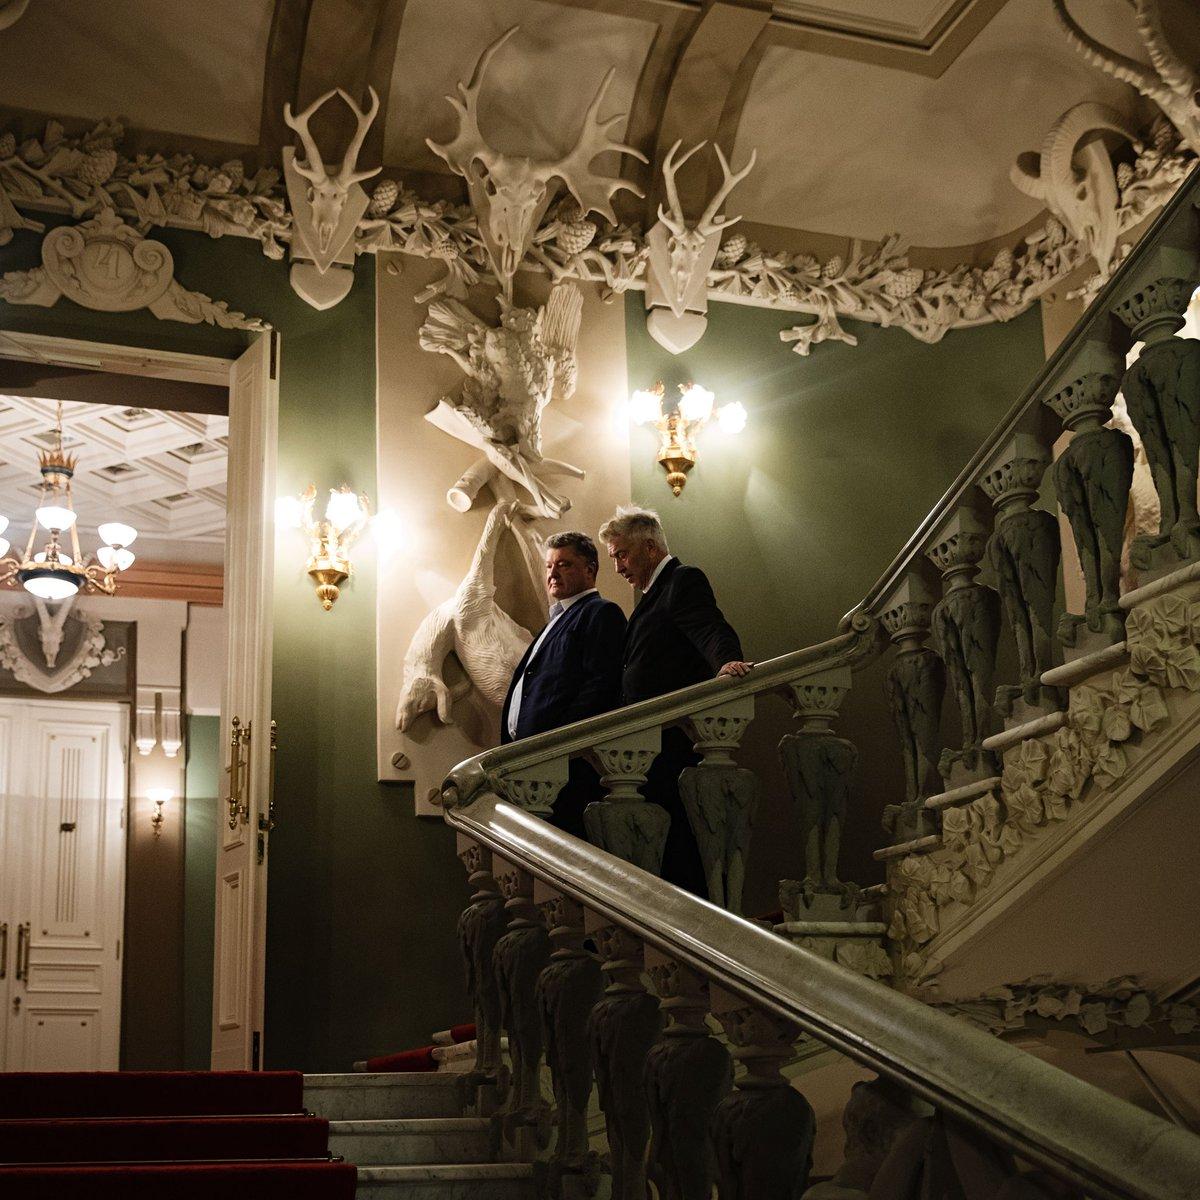 Порошенко встретился с Дэвидом Линчем в Доме с химерами https://t.co/YKnQJyvcWL